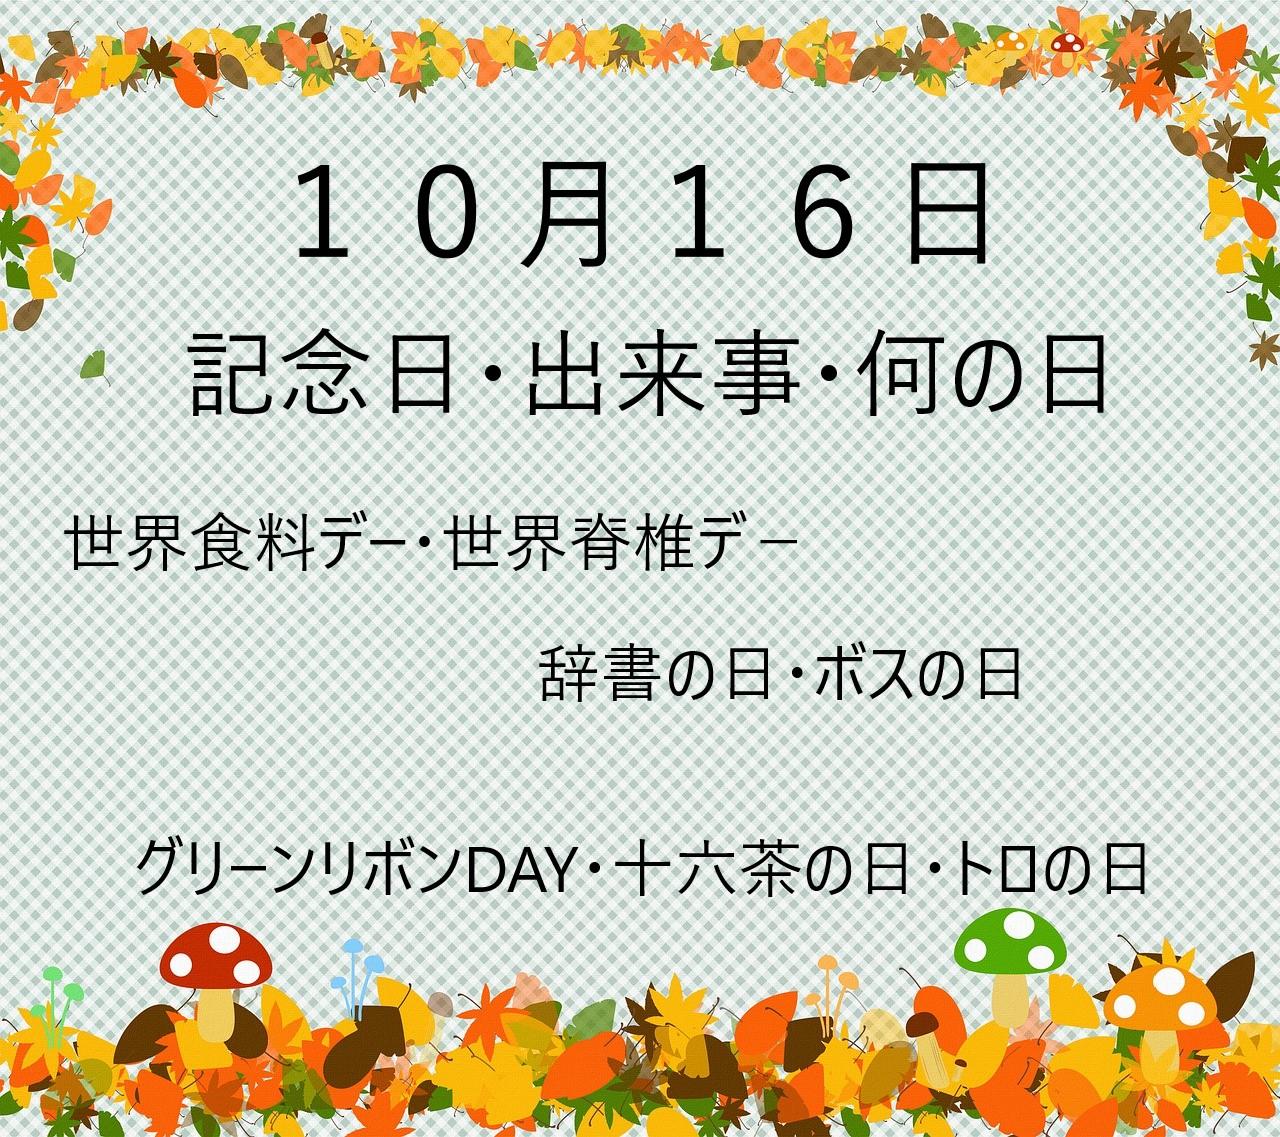 10月16日の文字イラスト